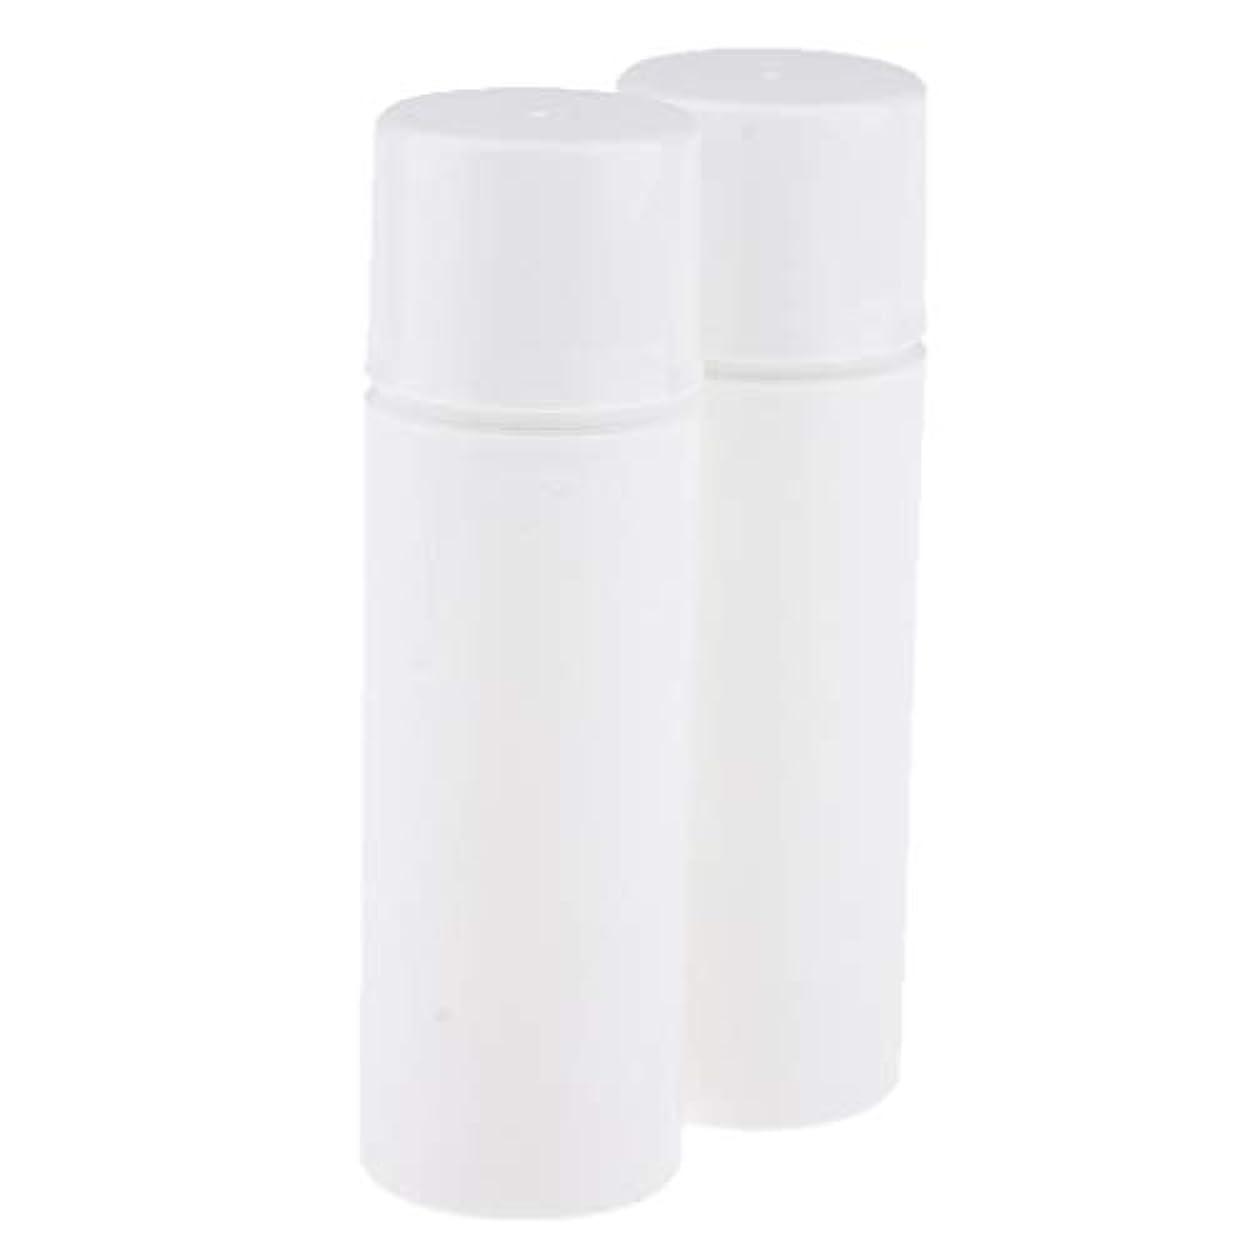 SM SunniMix ローションボトル クリームポンプボトル 詰替え容器 2個 全6サイズ - 100ミリリットル